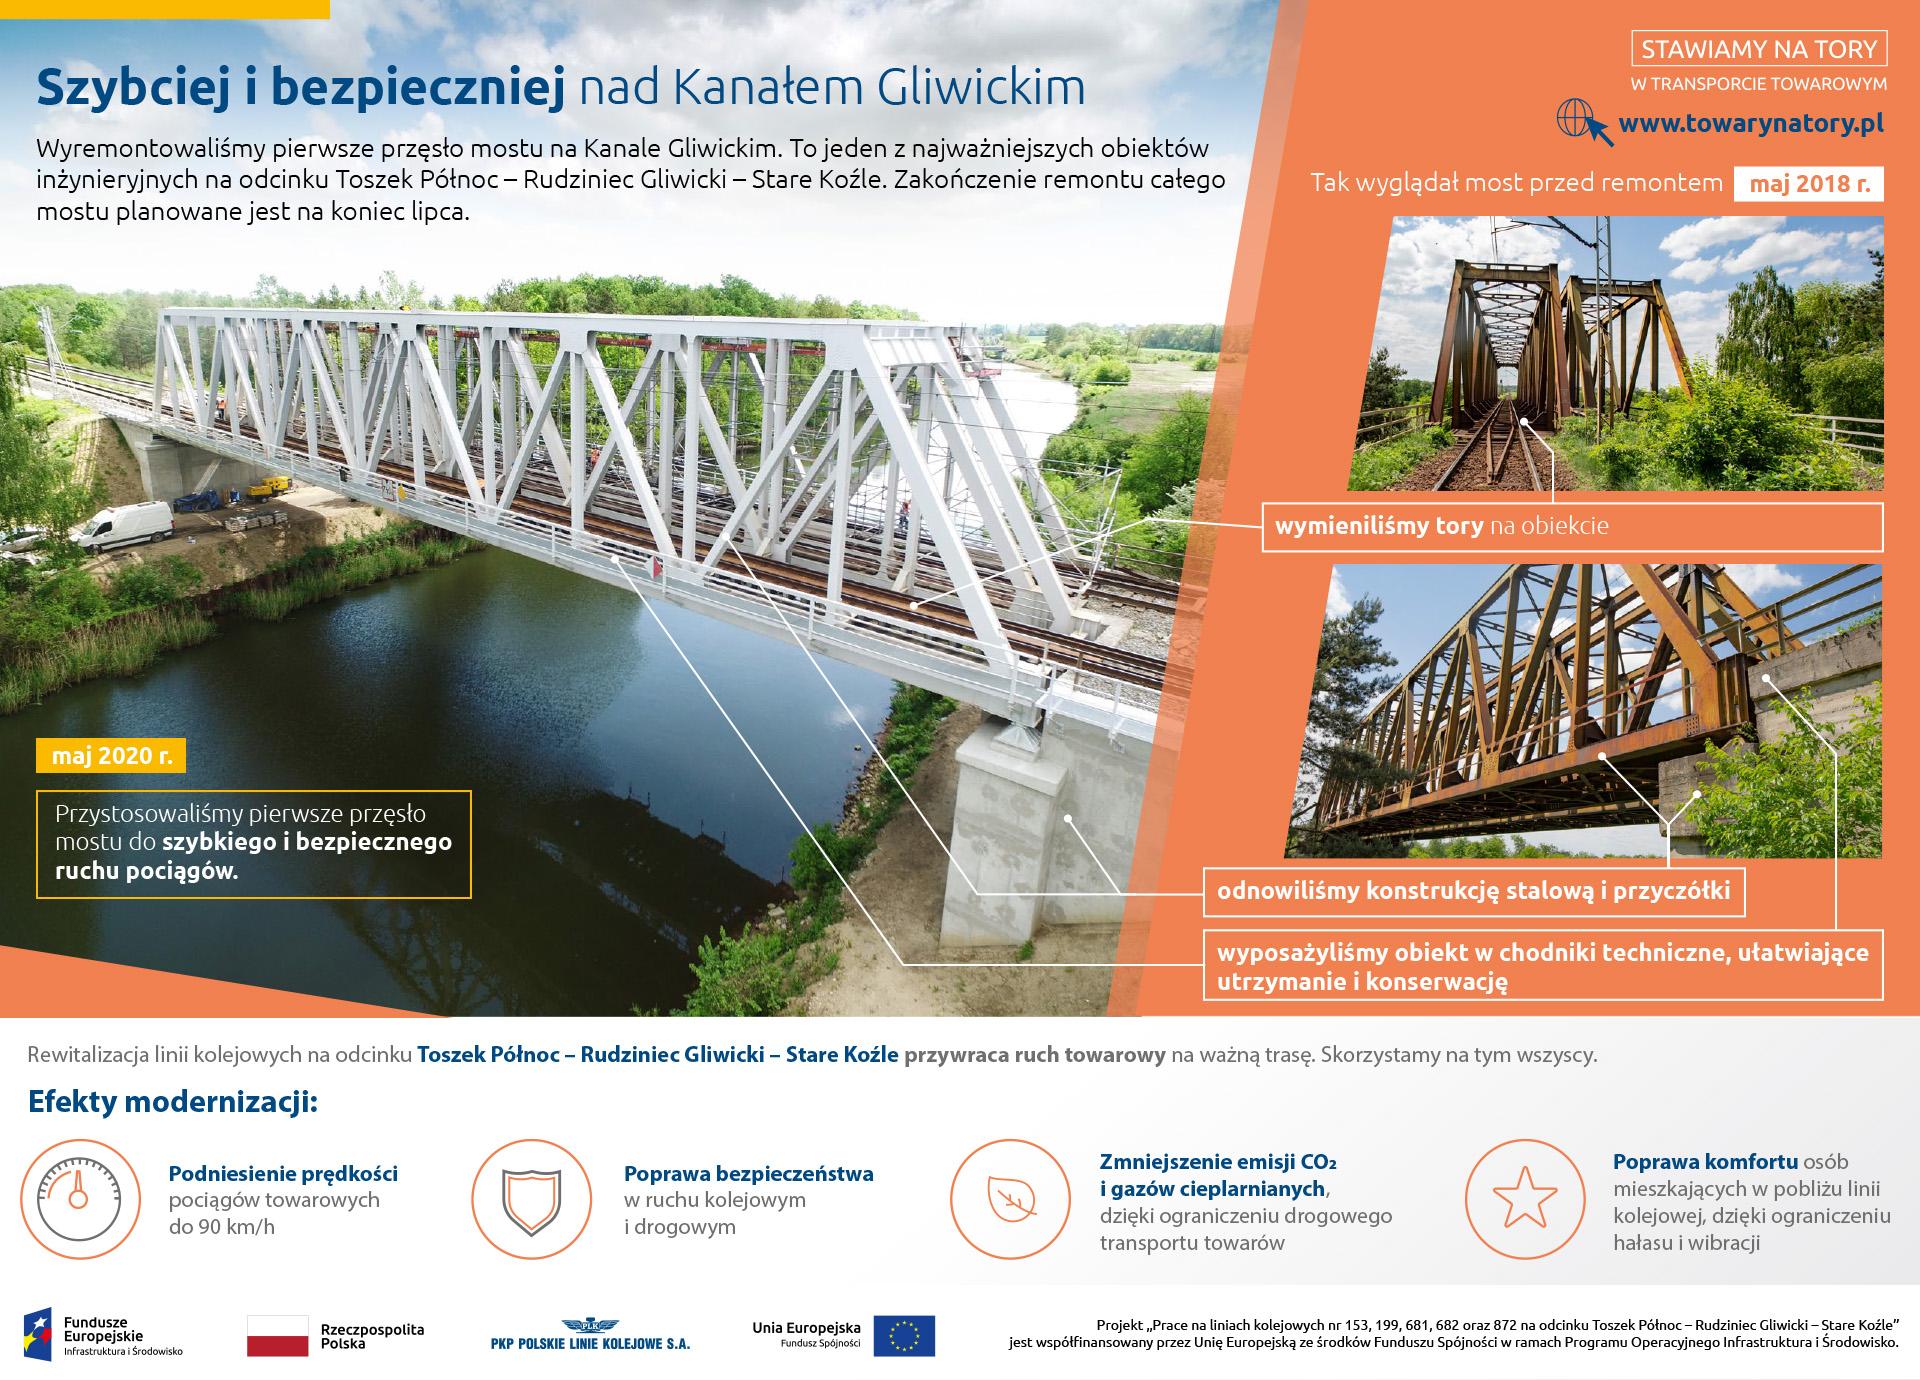 Infografika obrazuje zmiany jakie zaszły na moście na Kanale Gliwickim. Zdjęcia przed remontem pokazują zardzewiały most, zdjęcia po schludny biały.